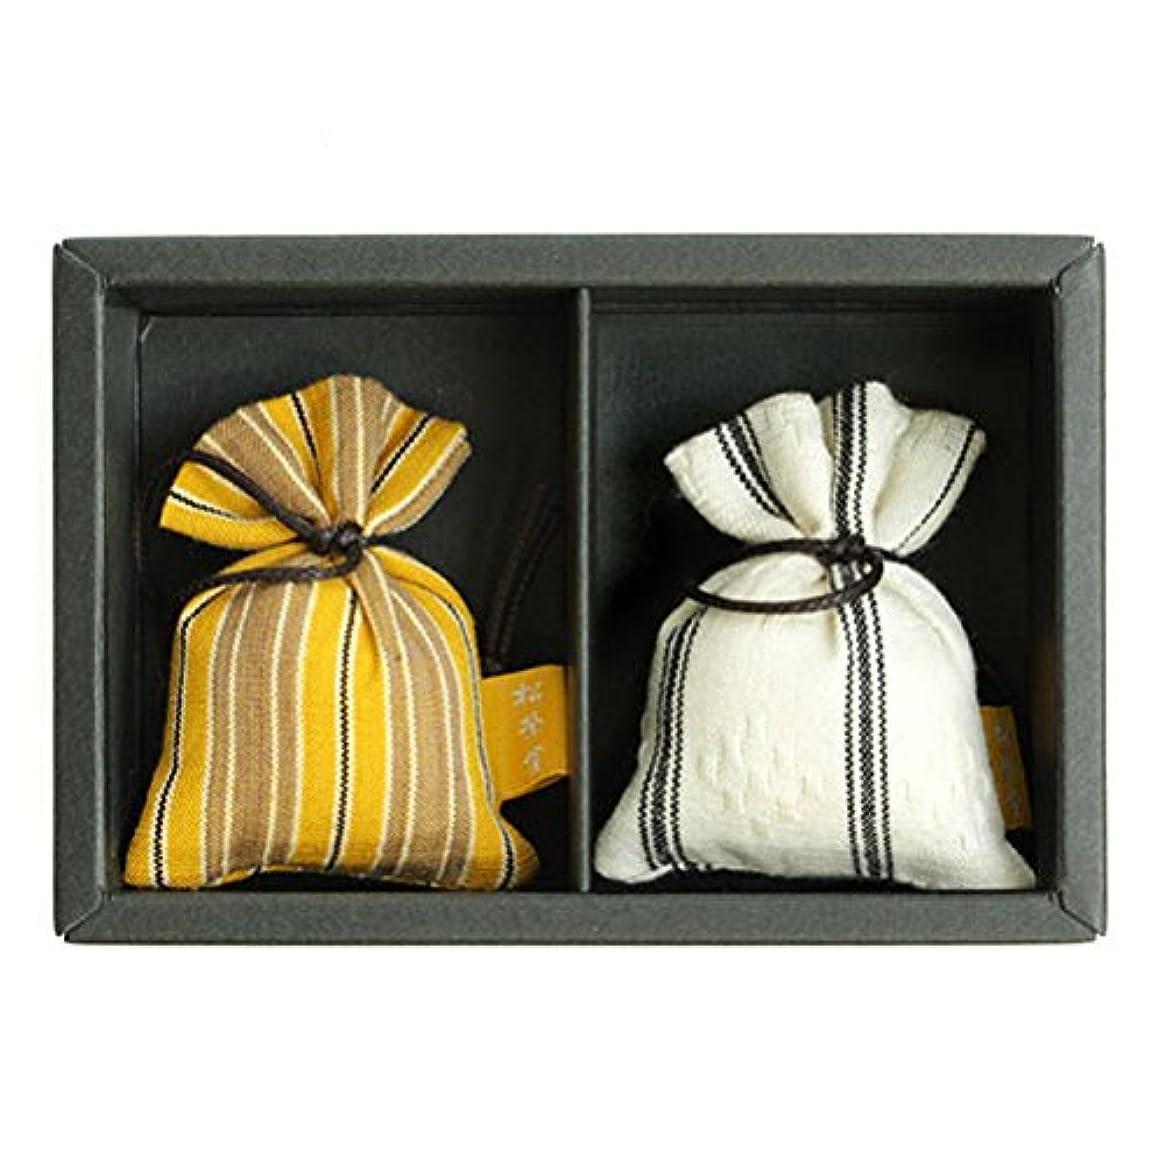 屋内でアレキサンダーグラハムベル骨の折れる匂い袋 誰が袖 ルリック(縞) 2個入 松栄堂 Shoyeido 本体長さ60mm (色?柄は選べません)